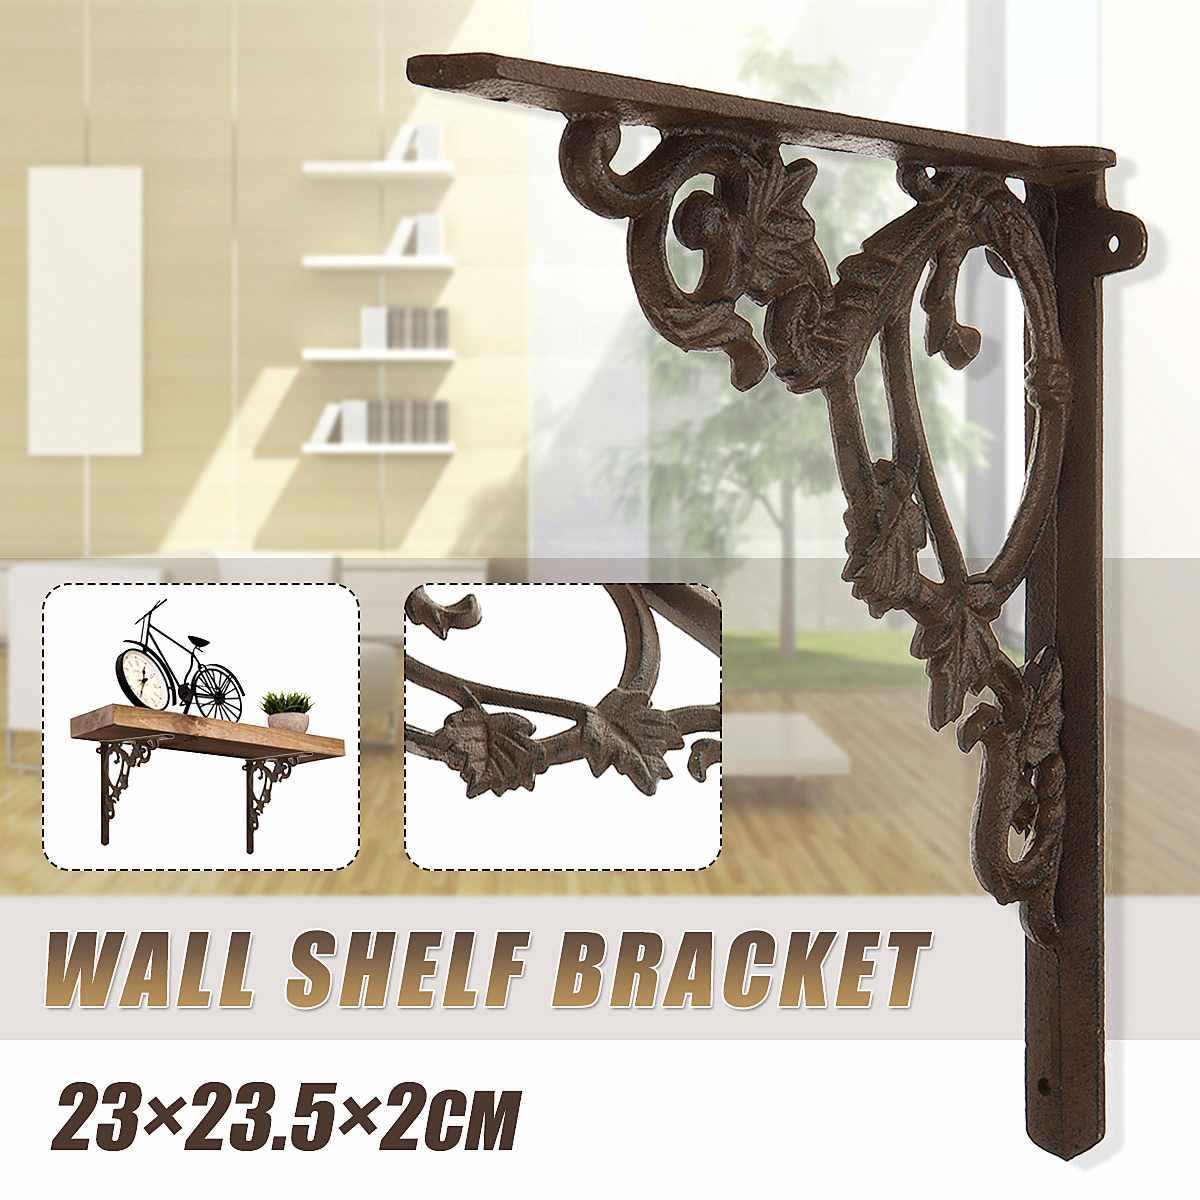 2Pcs Wall Mounted Shelf Bracket Metal Hanging Holder 21.5x21.5cm